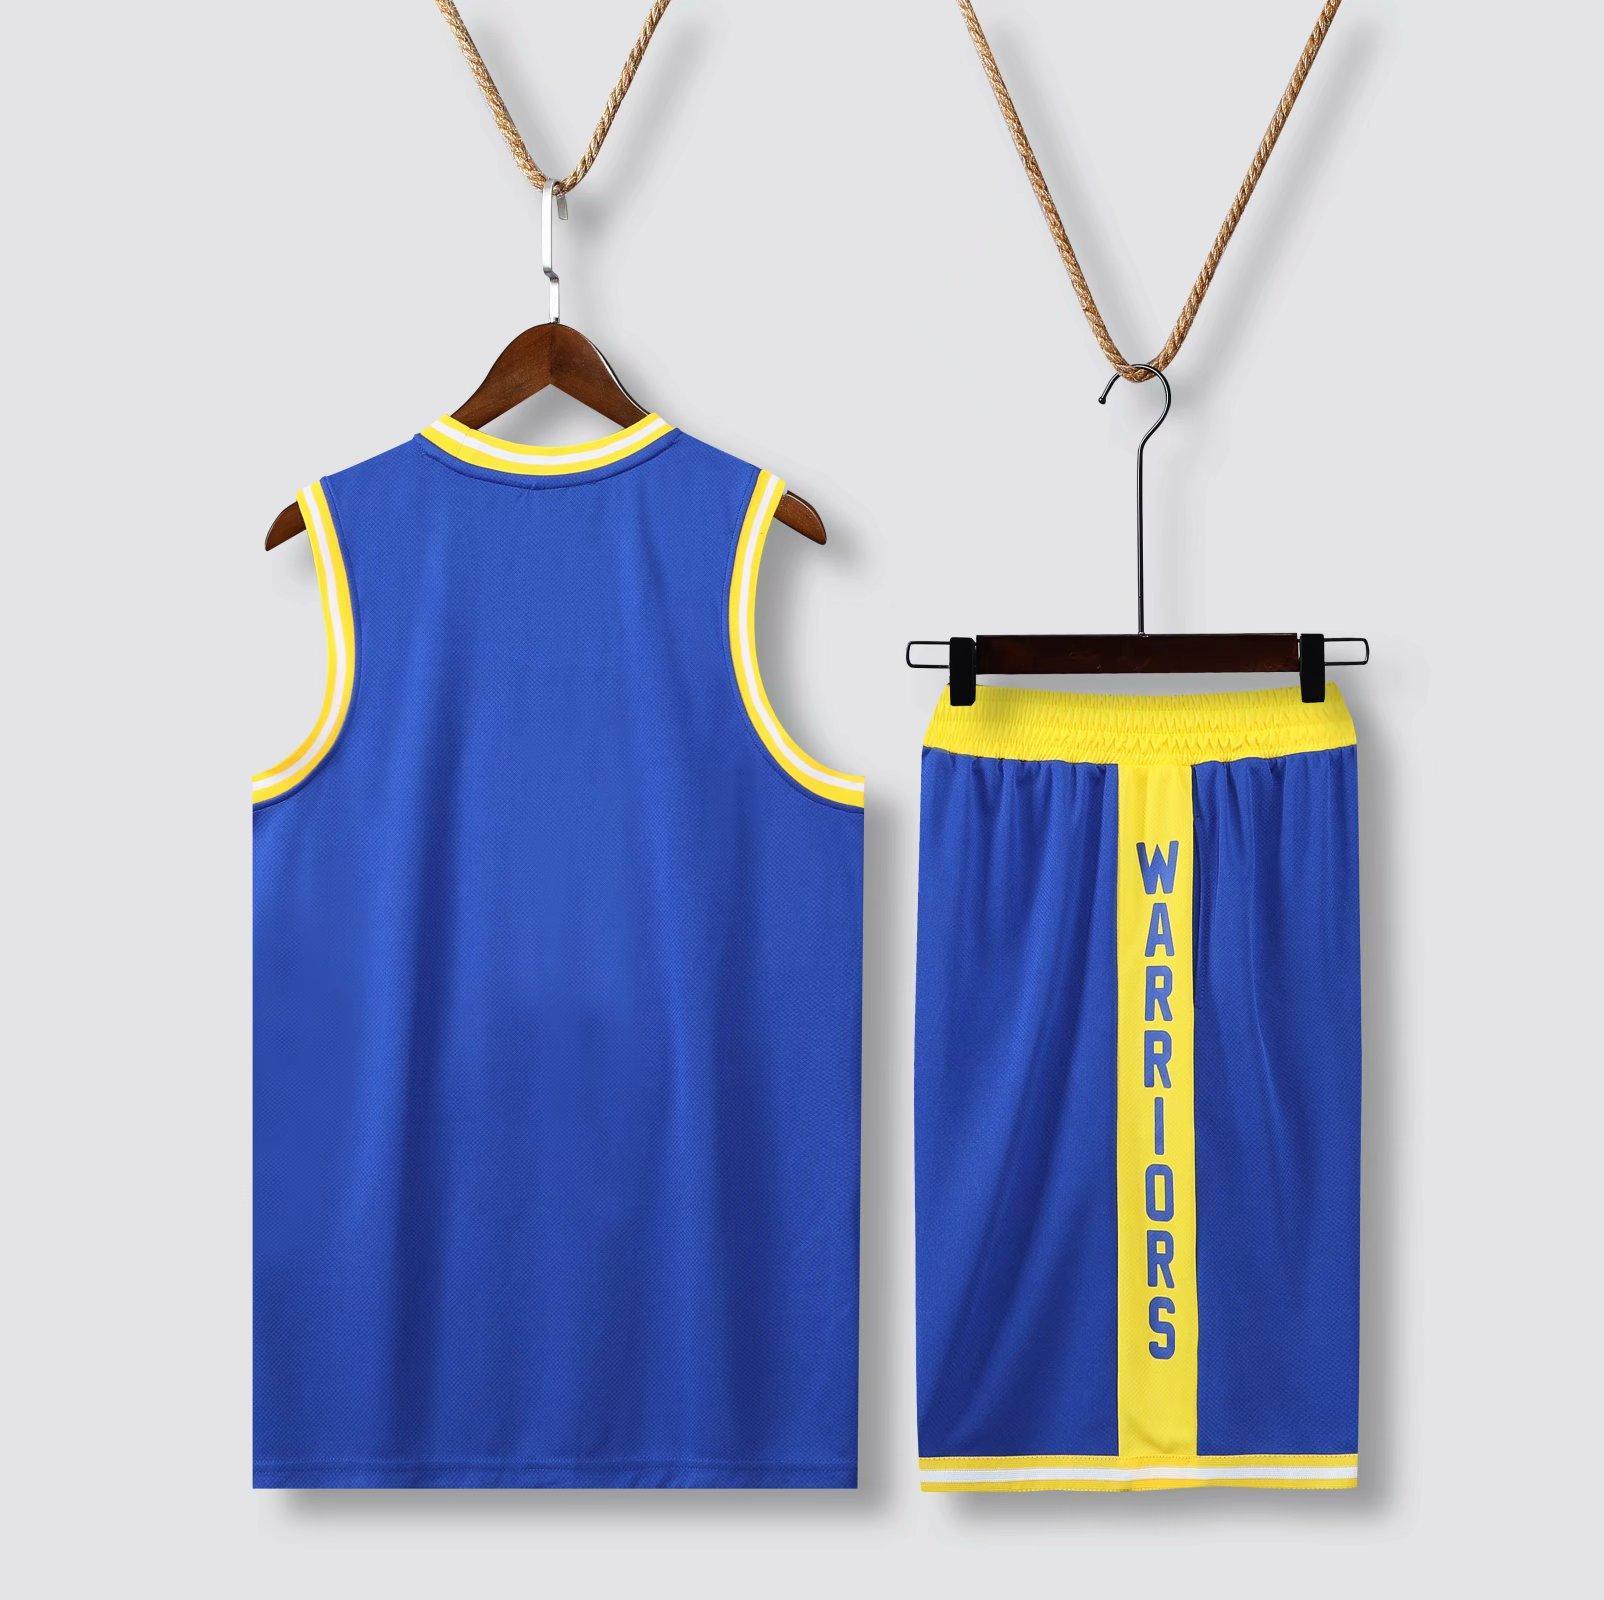 Çocuk Basketbol Hayranları, Fan Tops, Erkek Eğitim Formaları, Tişörtler, İlkokul ve Ortaokul Öğrencileri için Özel Spor Takımları 225